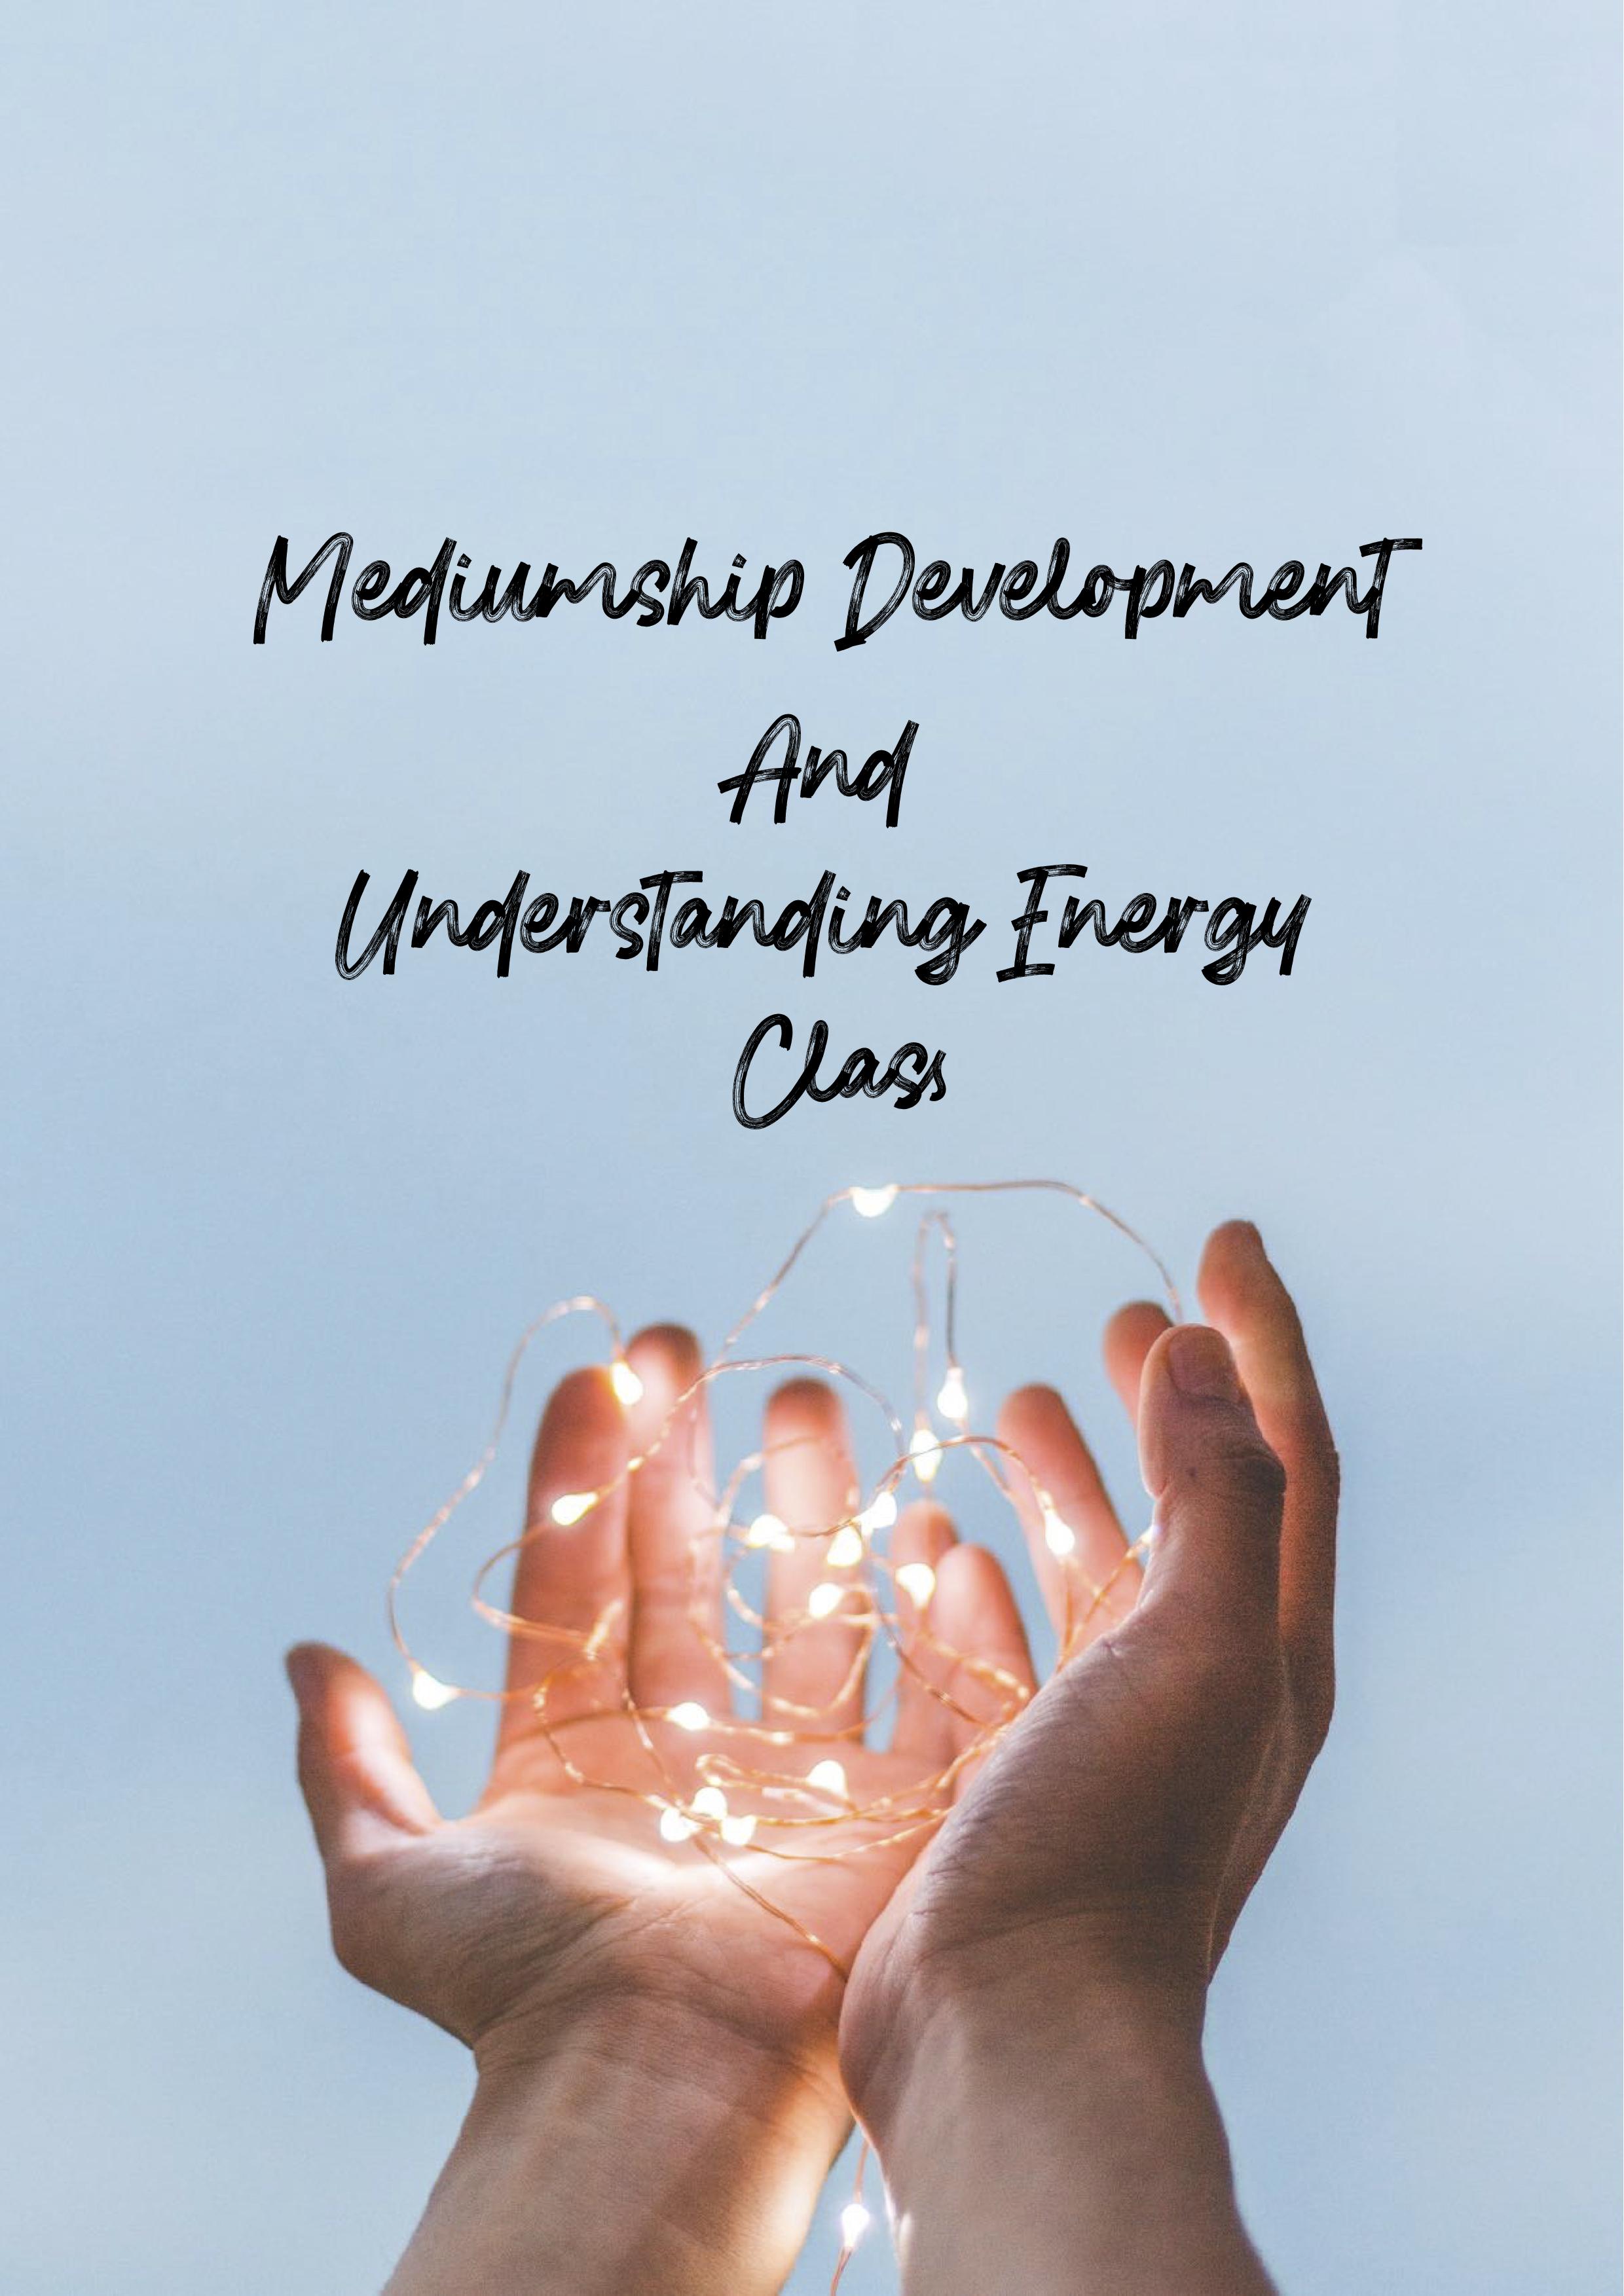 Mediumship Development and Understanding Energy Class.jpg